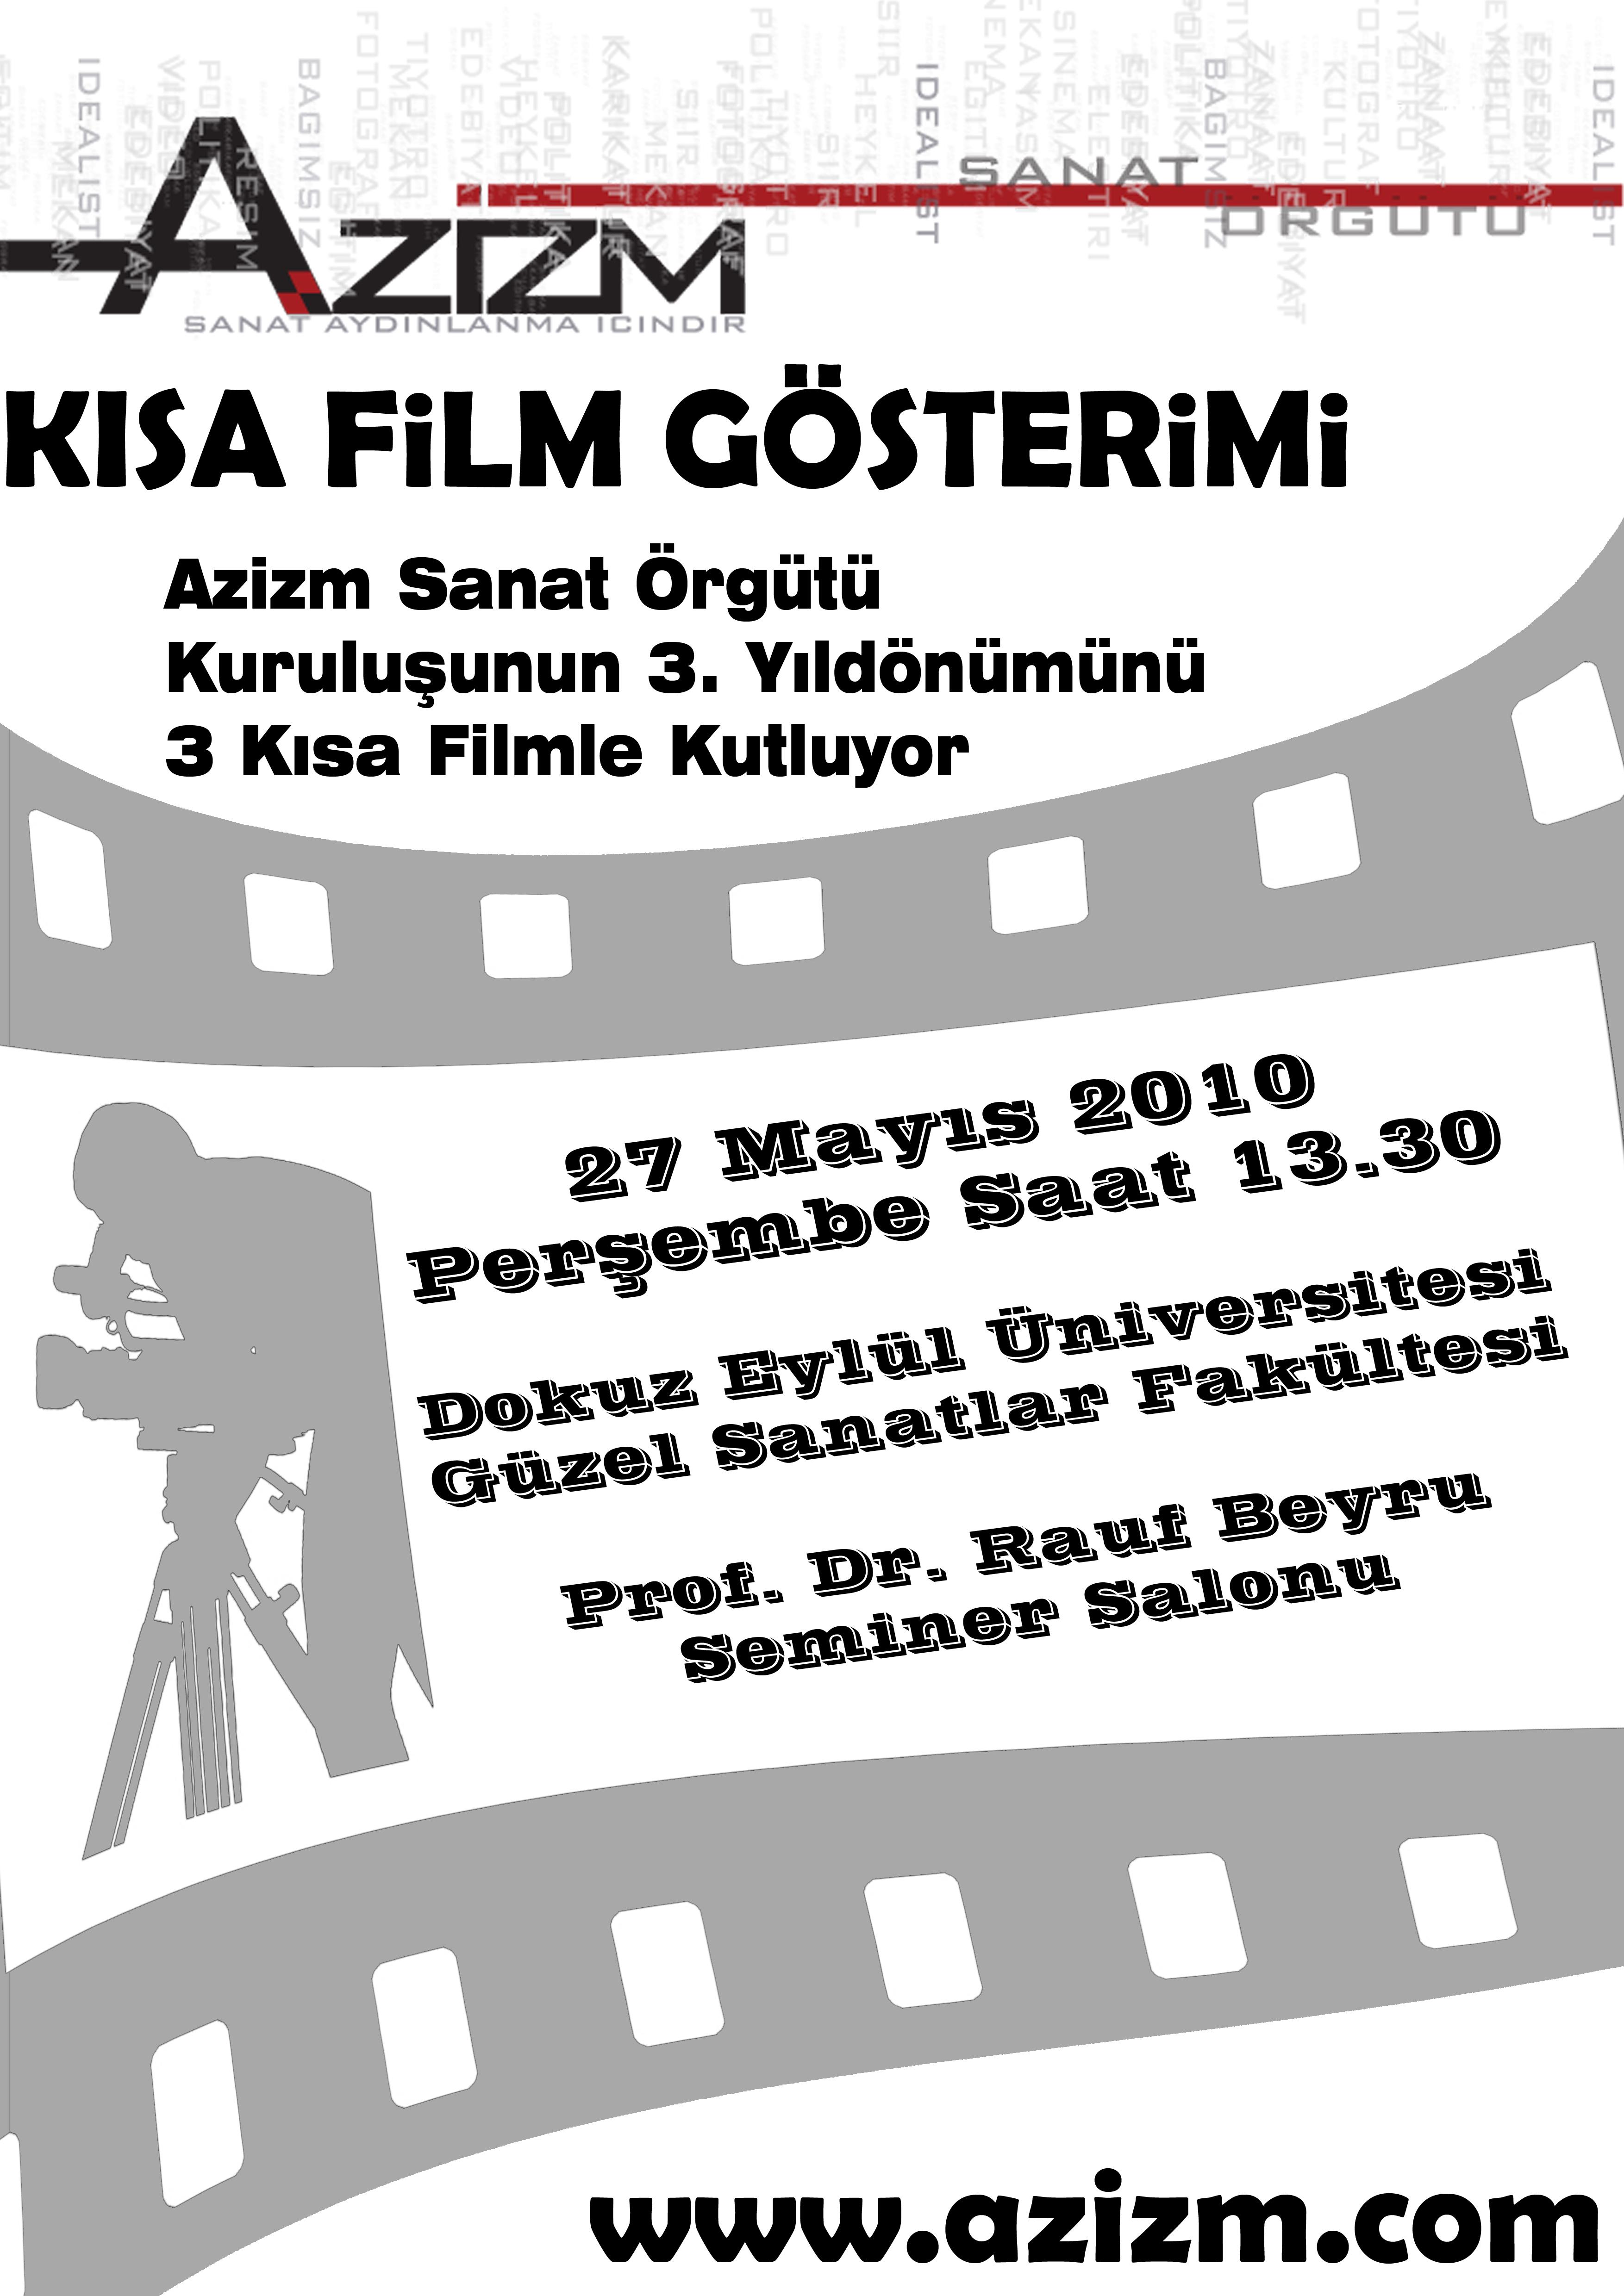 Azizm Sanat Örgütü 3. Kuruluş Yıl Dönümü Film Gösterimi (27 Mayıs 2010)